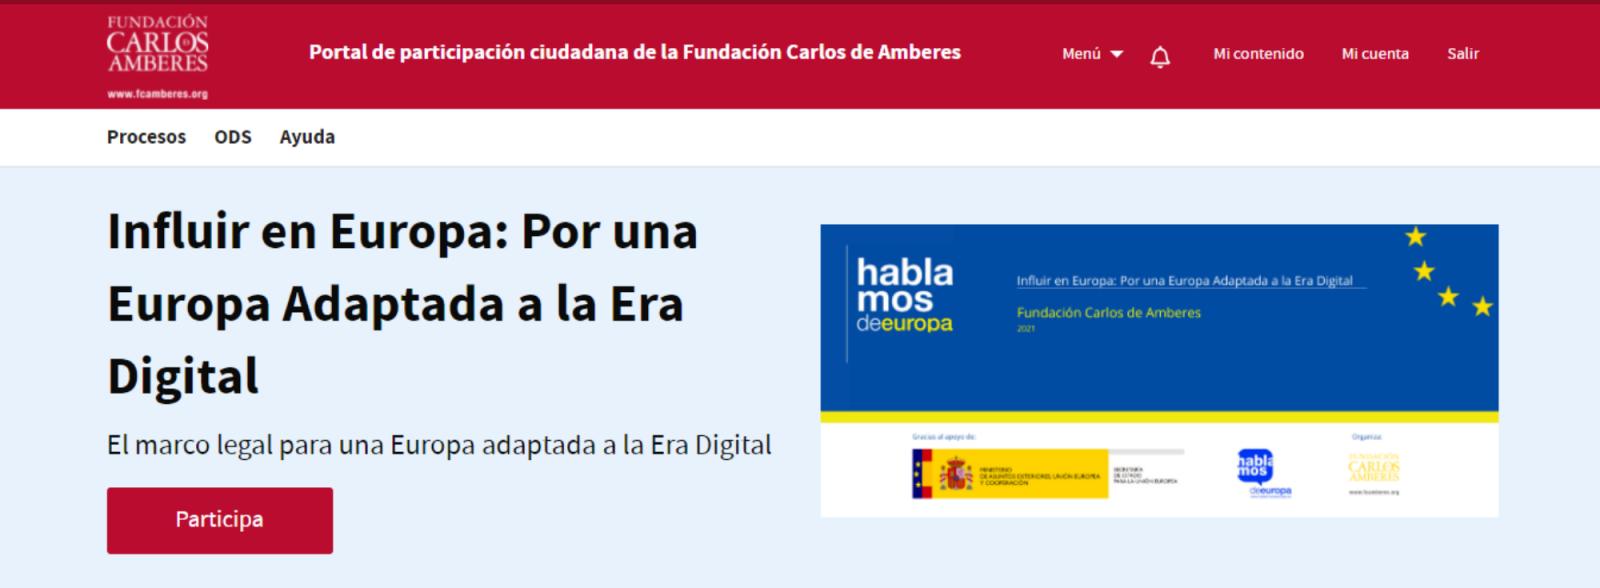 Portal Participación Ciudadana